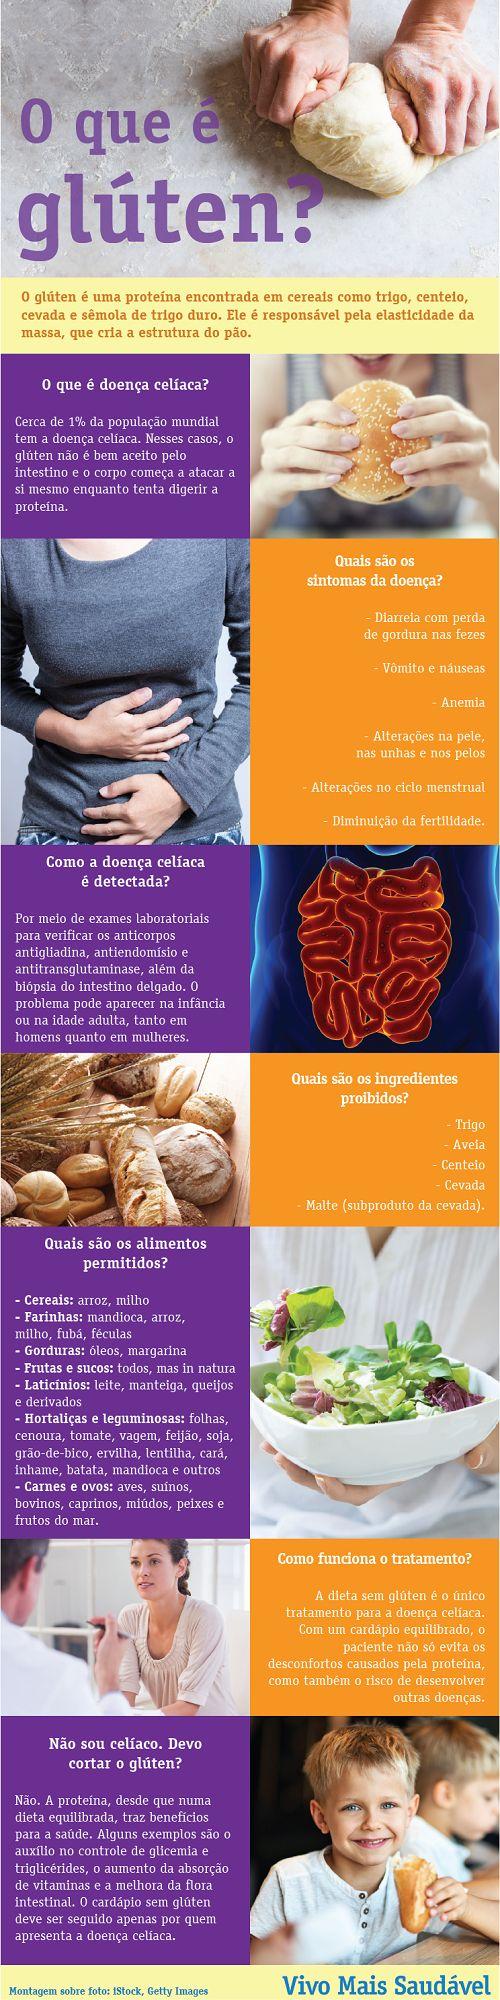 Infográfico sobre a Doença Celíaca: o que é, sintomas, tratamento, alimentos permitidos e proibidos. Conheça também nossas opções de Produtos sem Glúten: https://www.emporioecco.com.br/sem-gluten